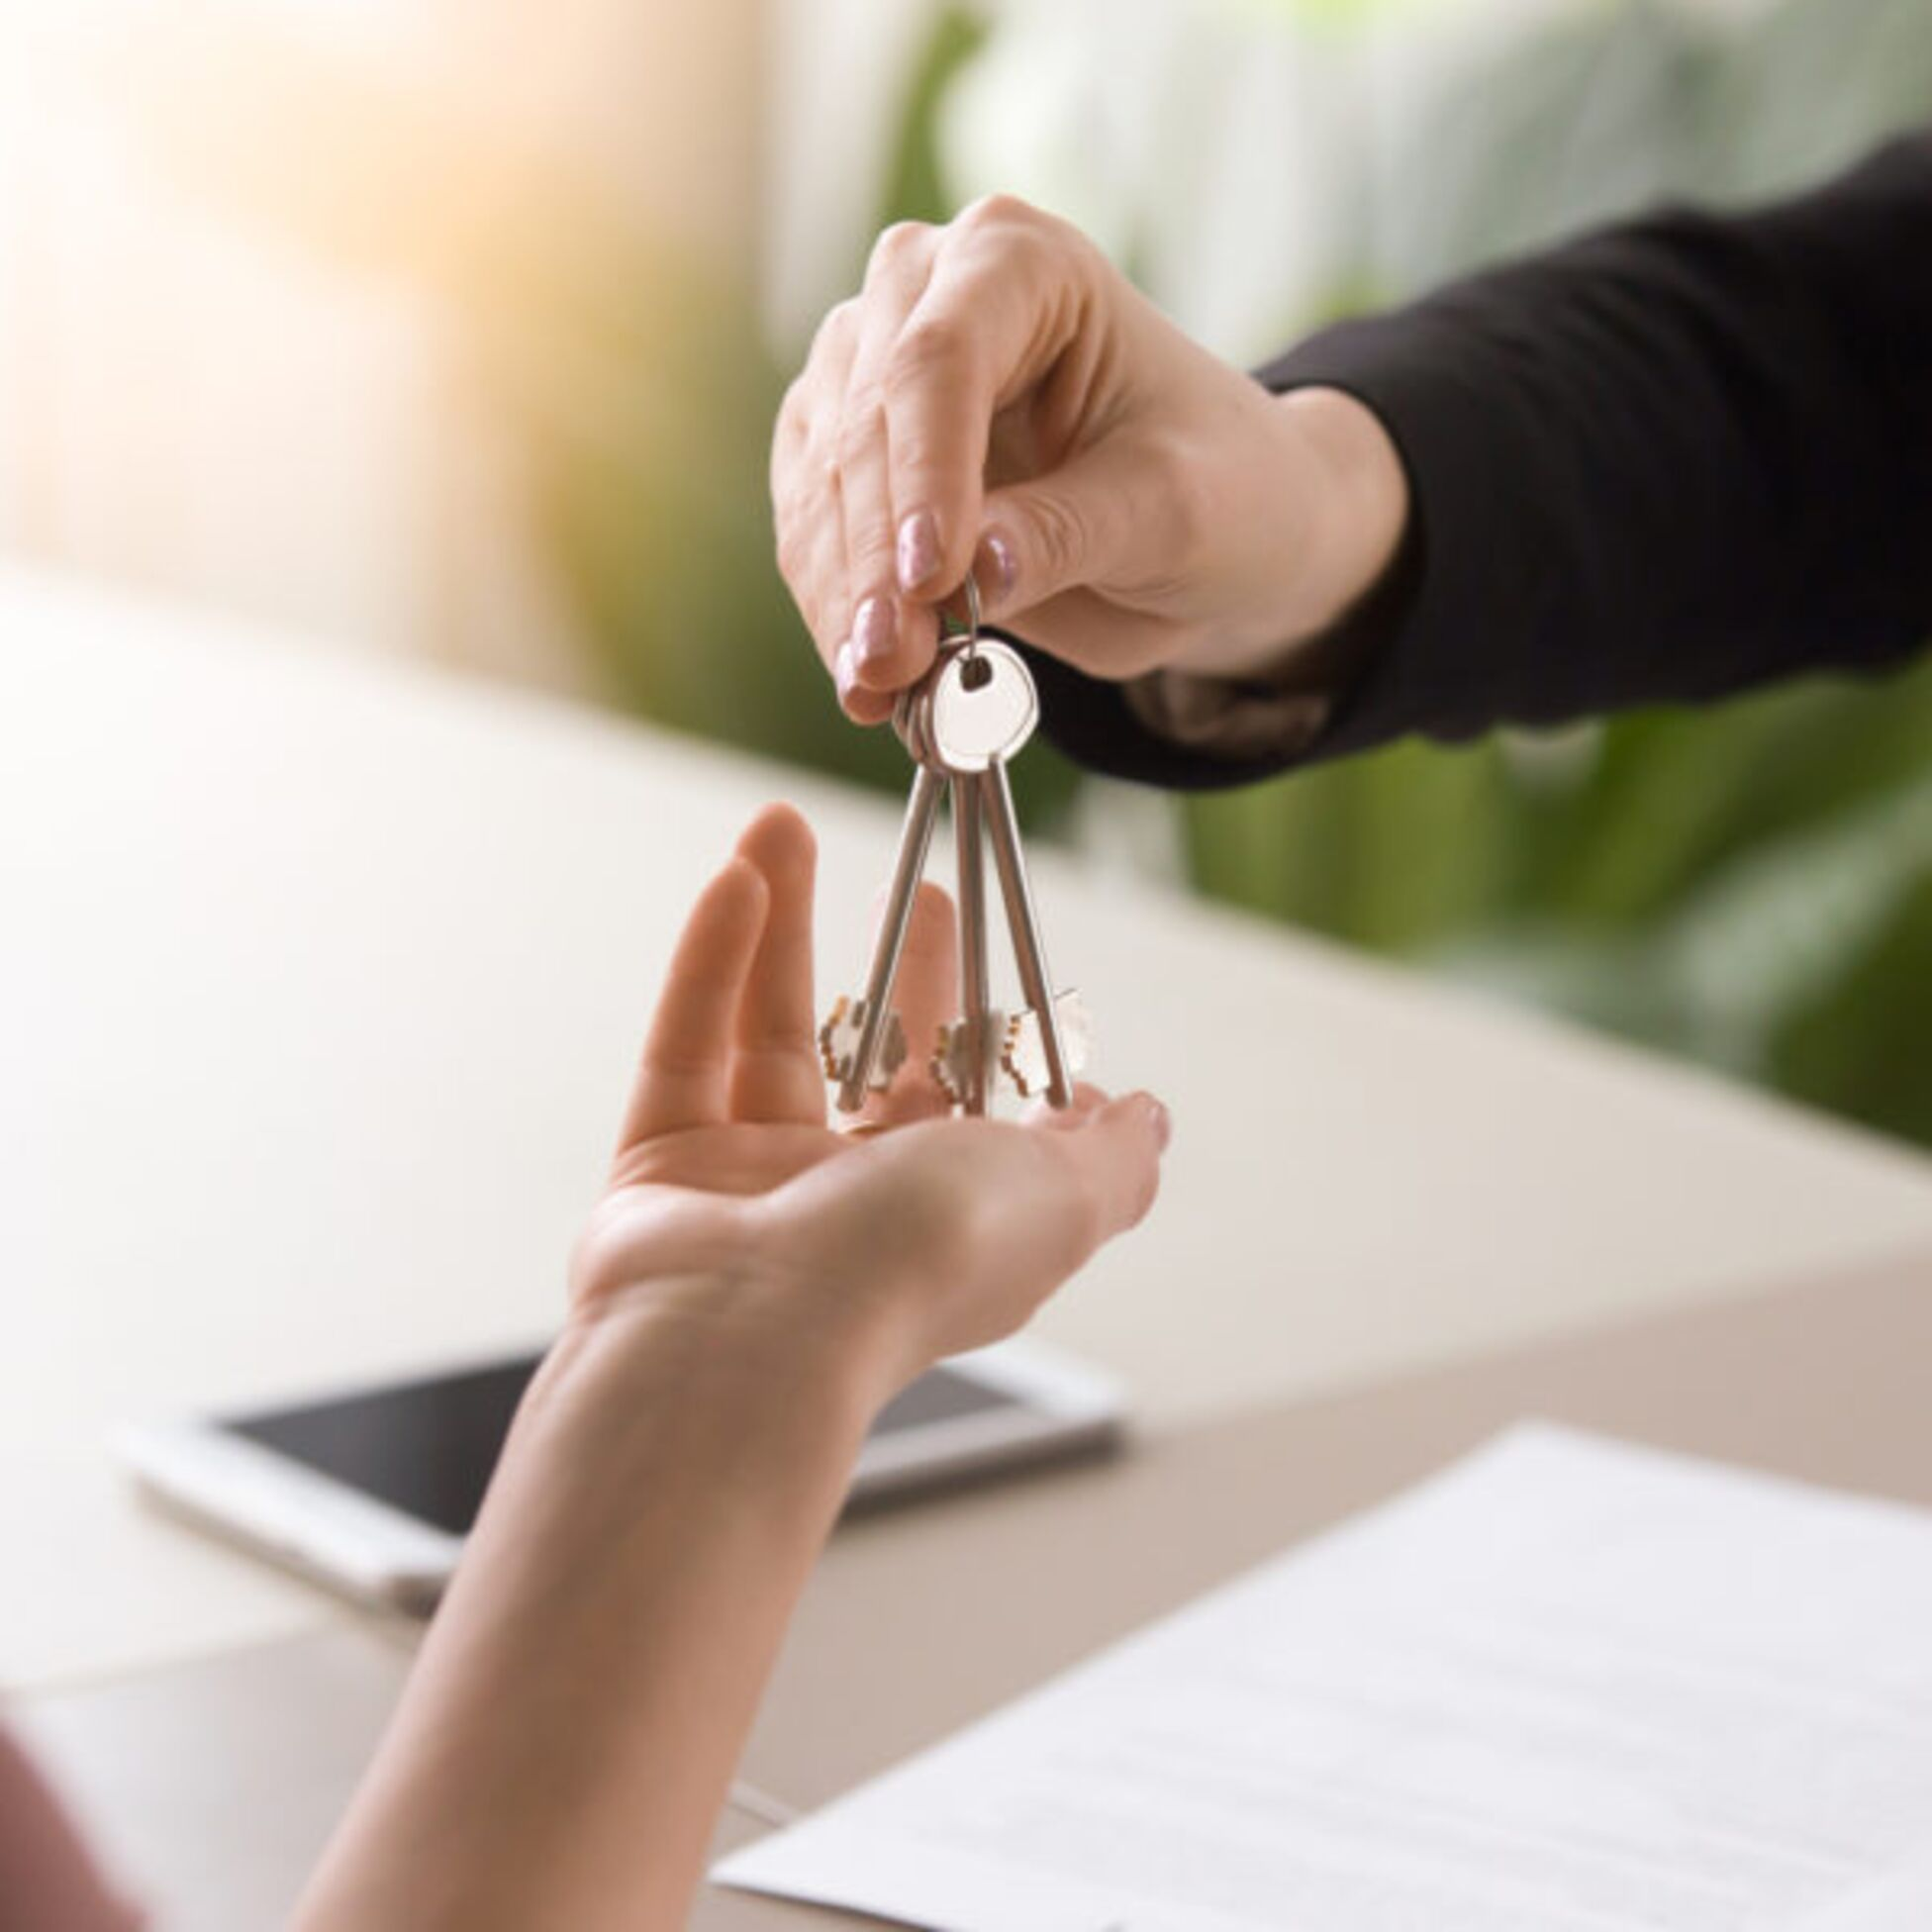 Schlüssel wird von einer Hand in die andere gereicht